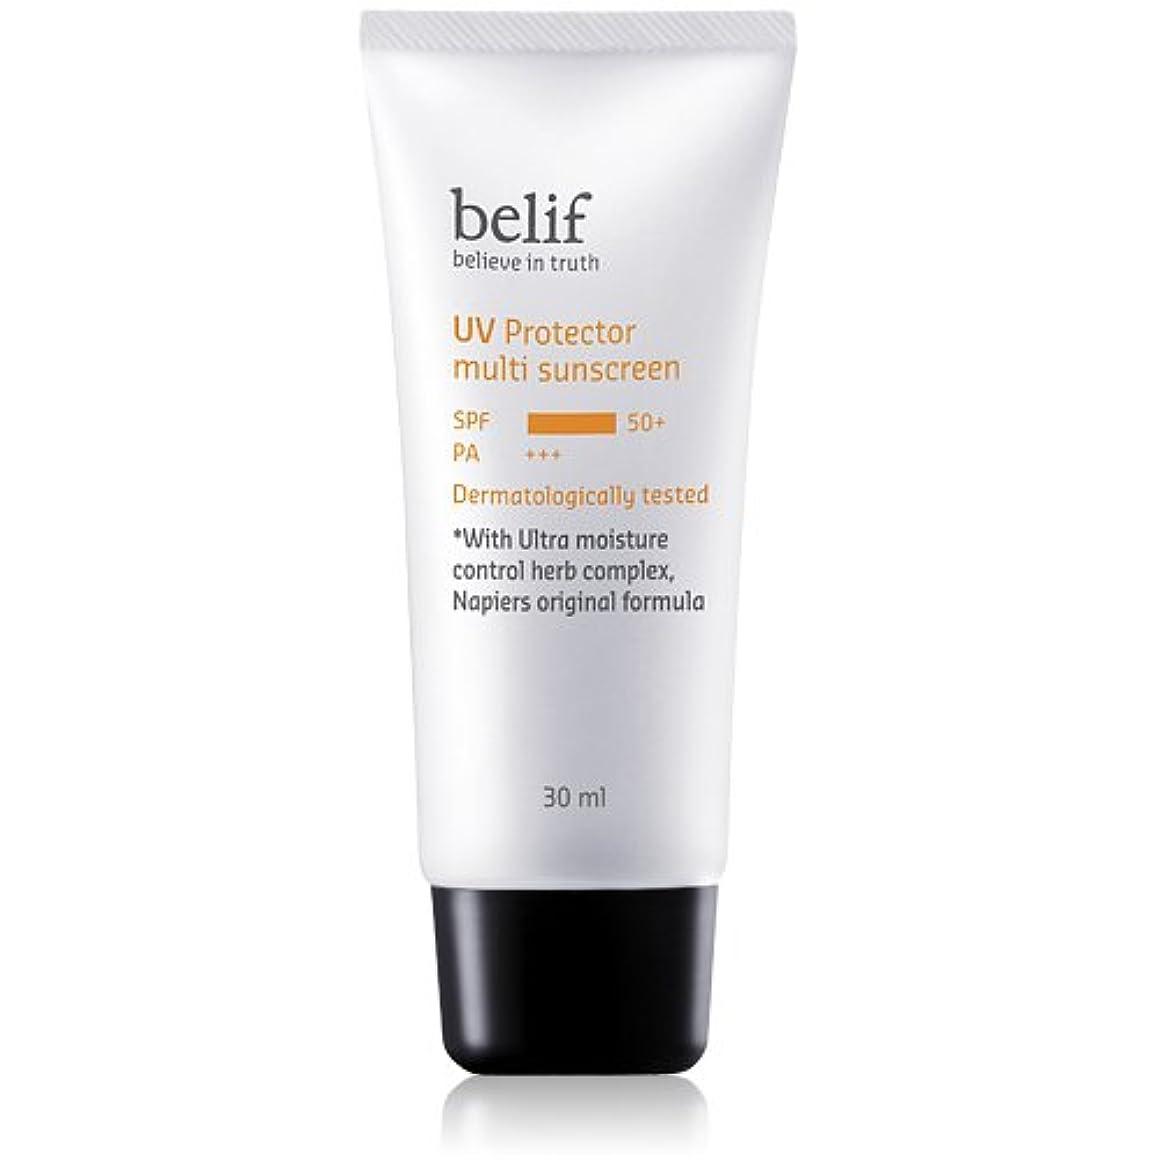 可動異議辞書Belif(ビリーフ)UV Protector Multi sunscreen 30ml/ビリーフUVプロテクターマルチサンスクリーン